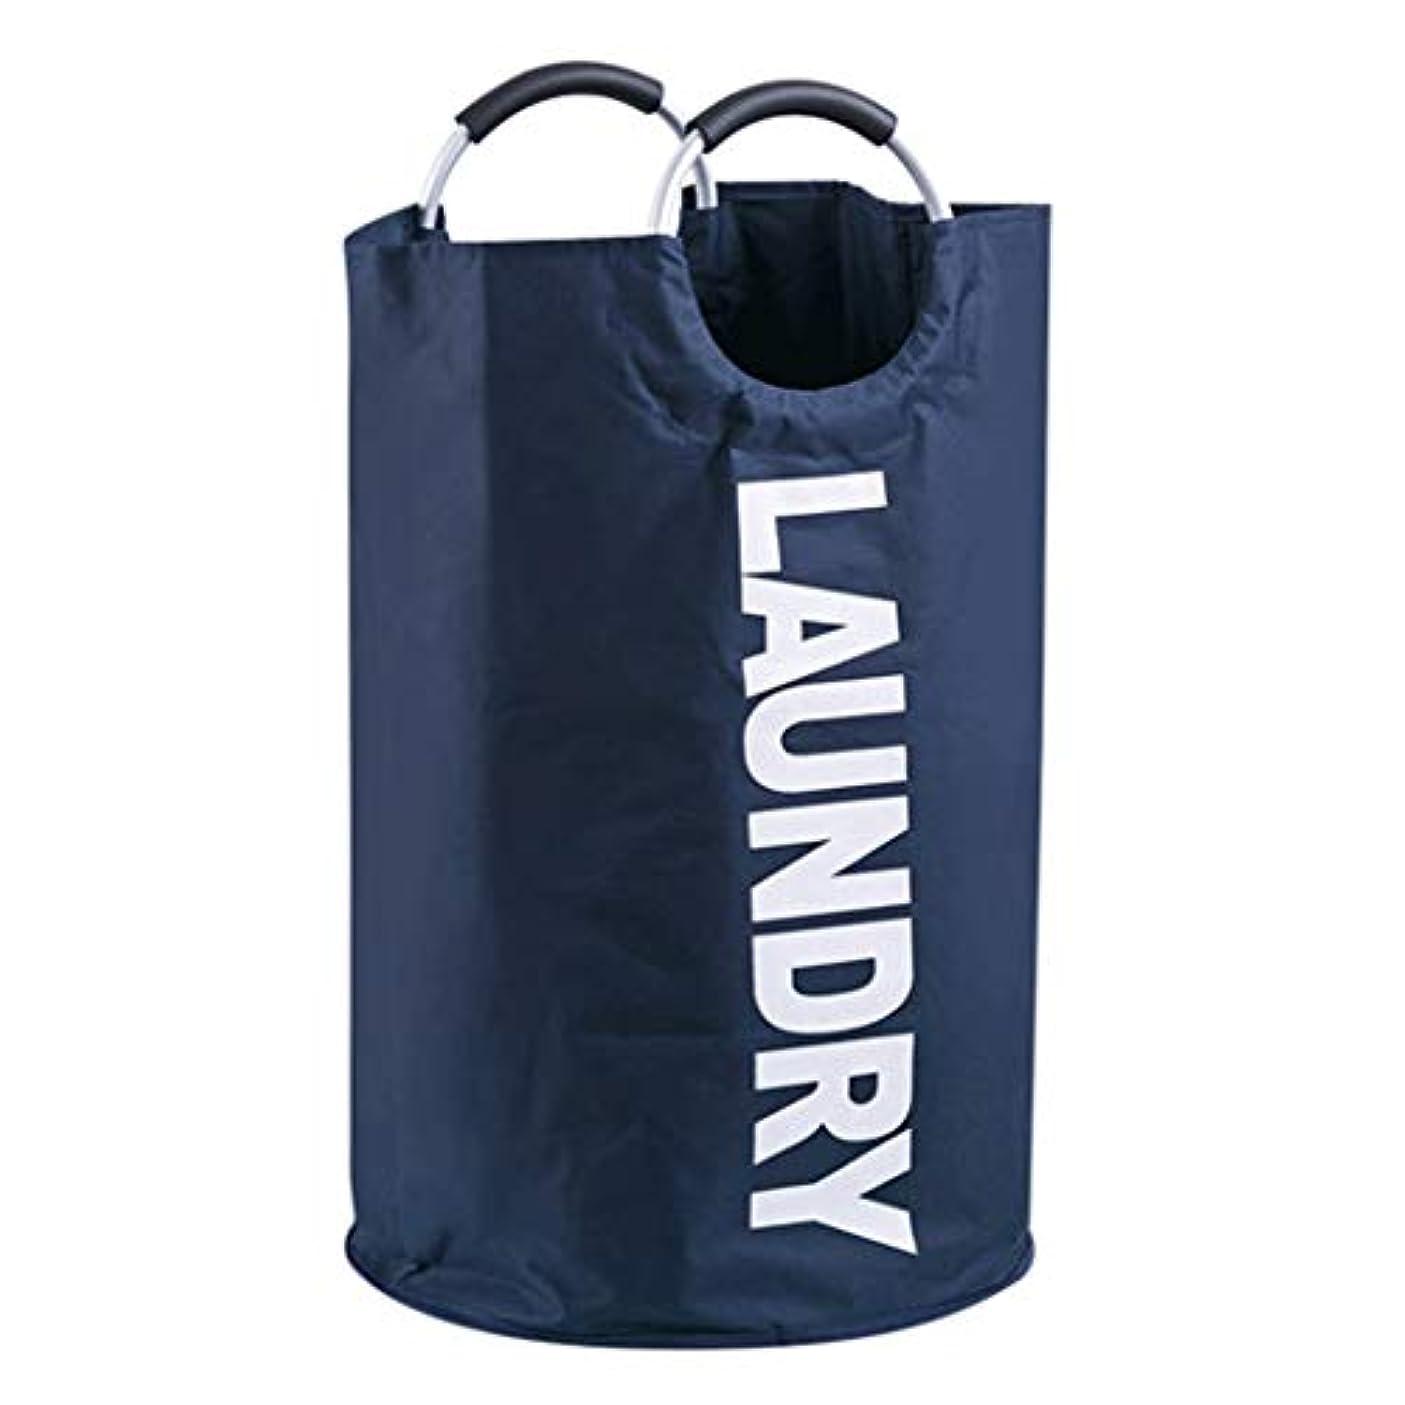 矢印有毒なティーンエイジャー折りたたみ式障害衣服収納バスケットは、オックスフォード布衣類収納バスケット防水とグレー37 * 63 cmにすることができます (色 : 藍色, サイズ さいず : 37*63cm)